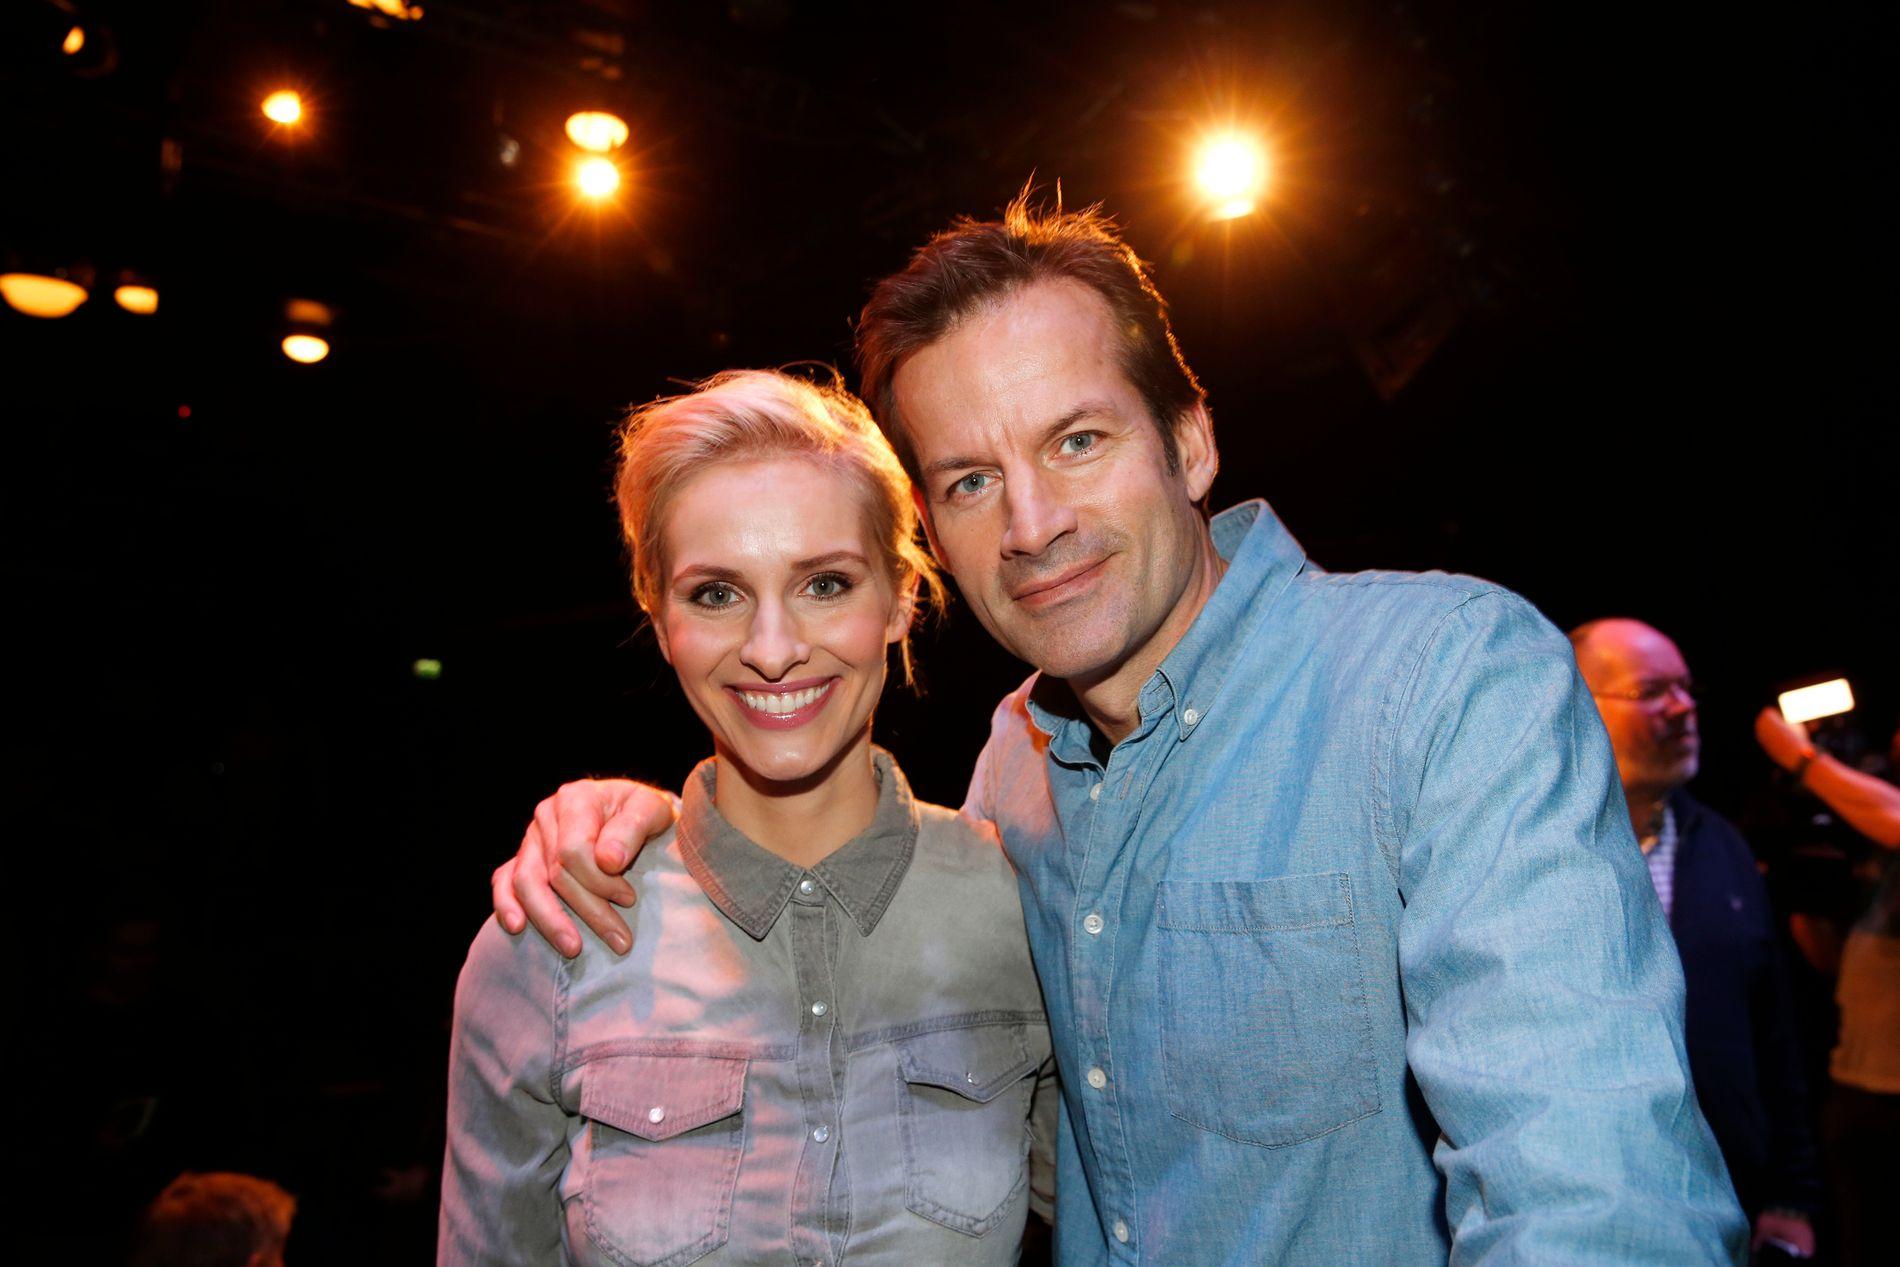 FLYTTET TIL TVNORGE: Både Anne Rimmen og Jon Almaas meldte overgang fra NRK til TVNorge i fjor høst.